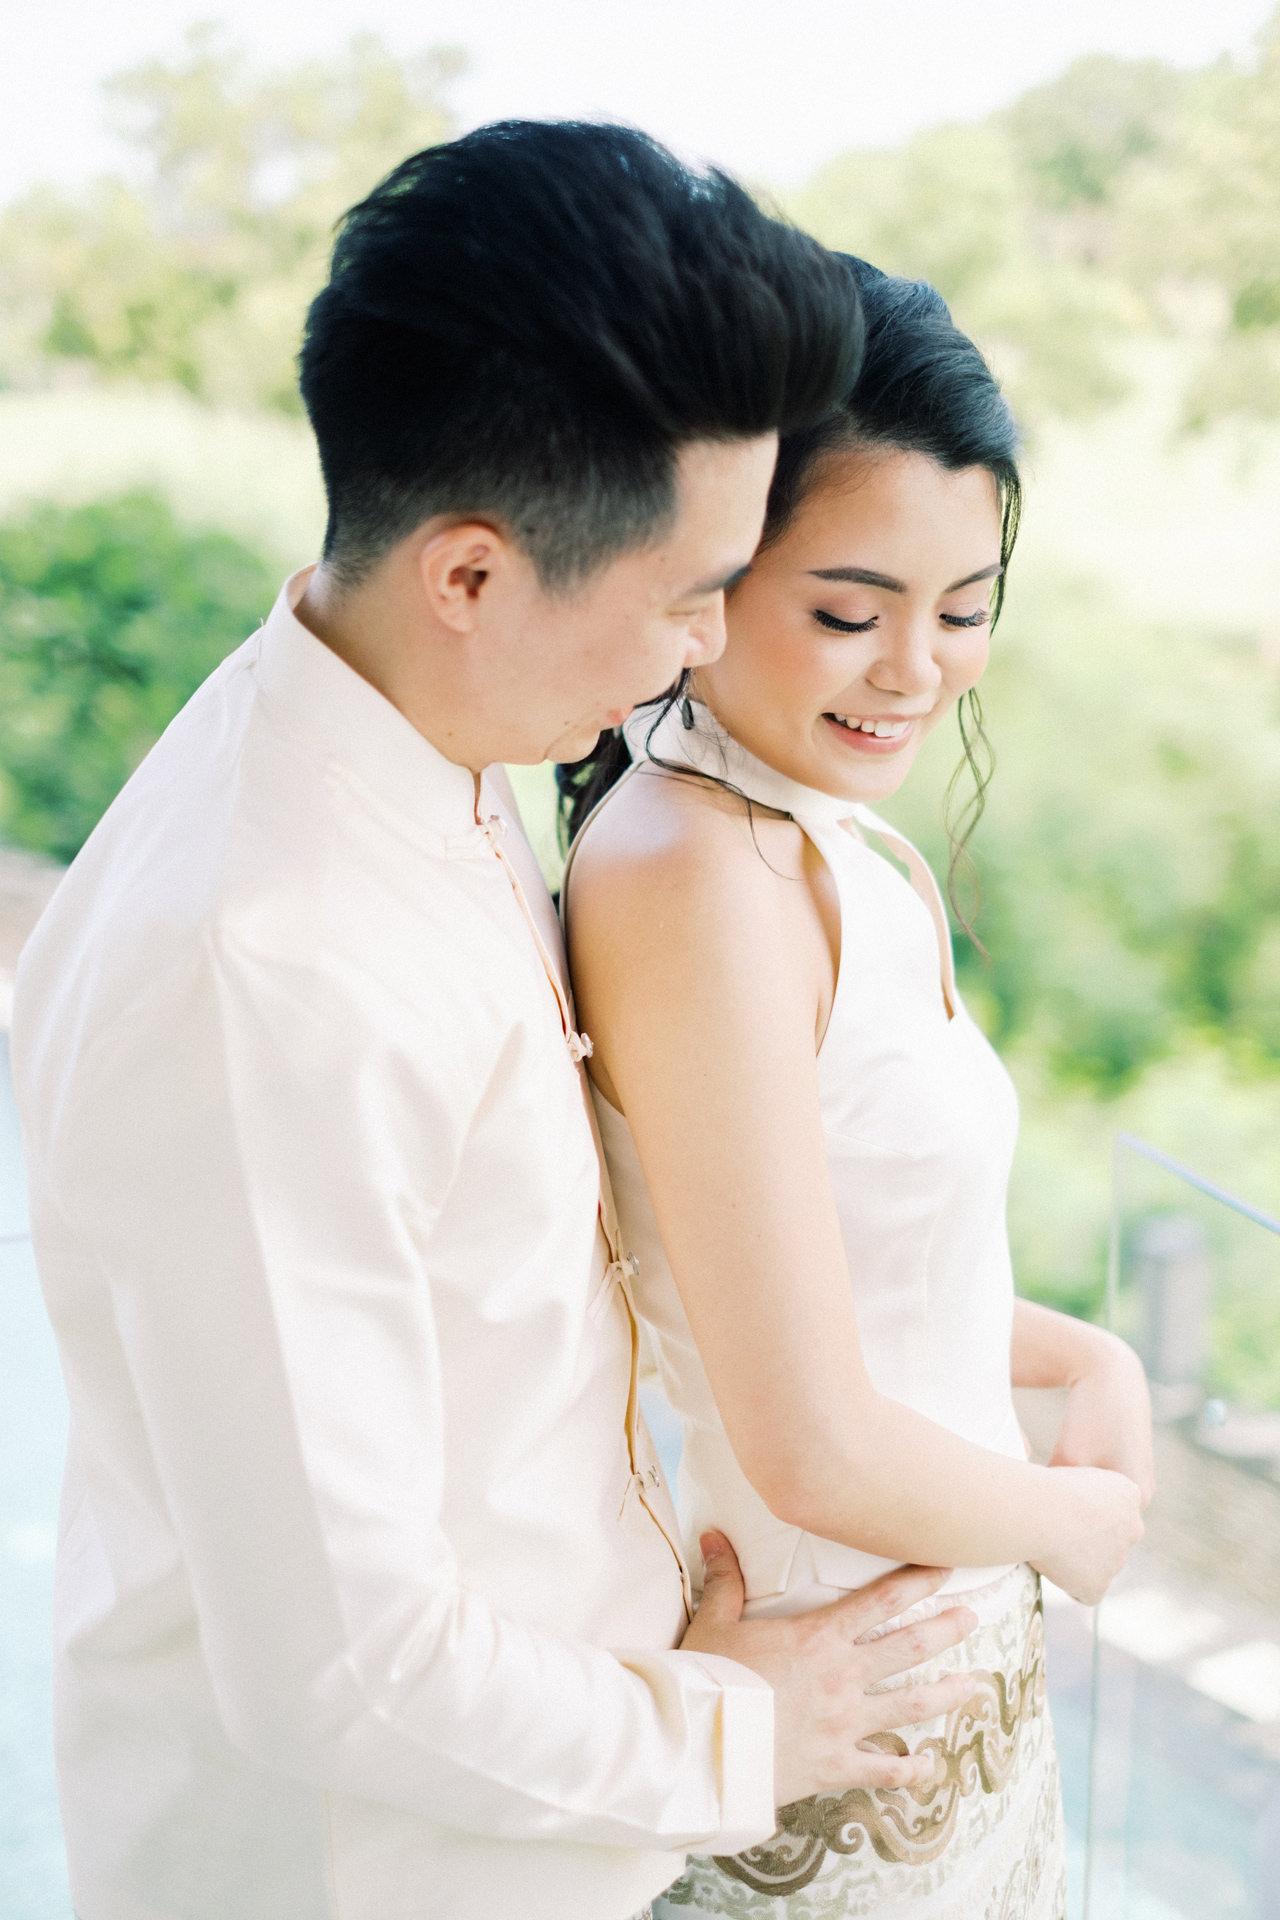 Real Wedding at Kamaya Bali 15